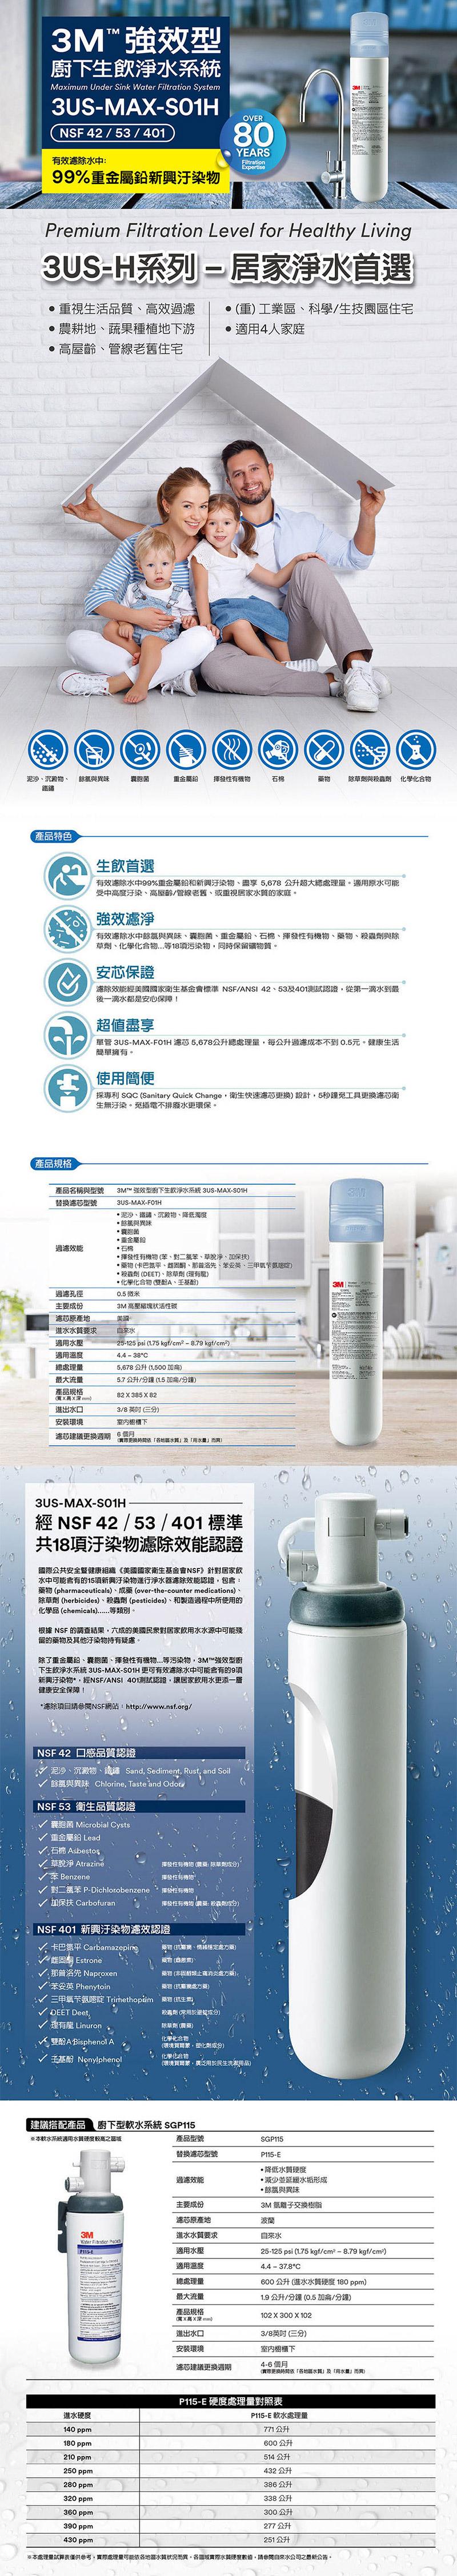 3M-3US-MAX-S01H-強效型-淨水系統